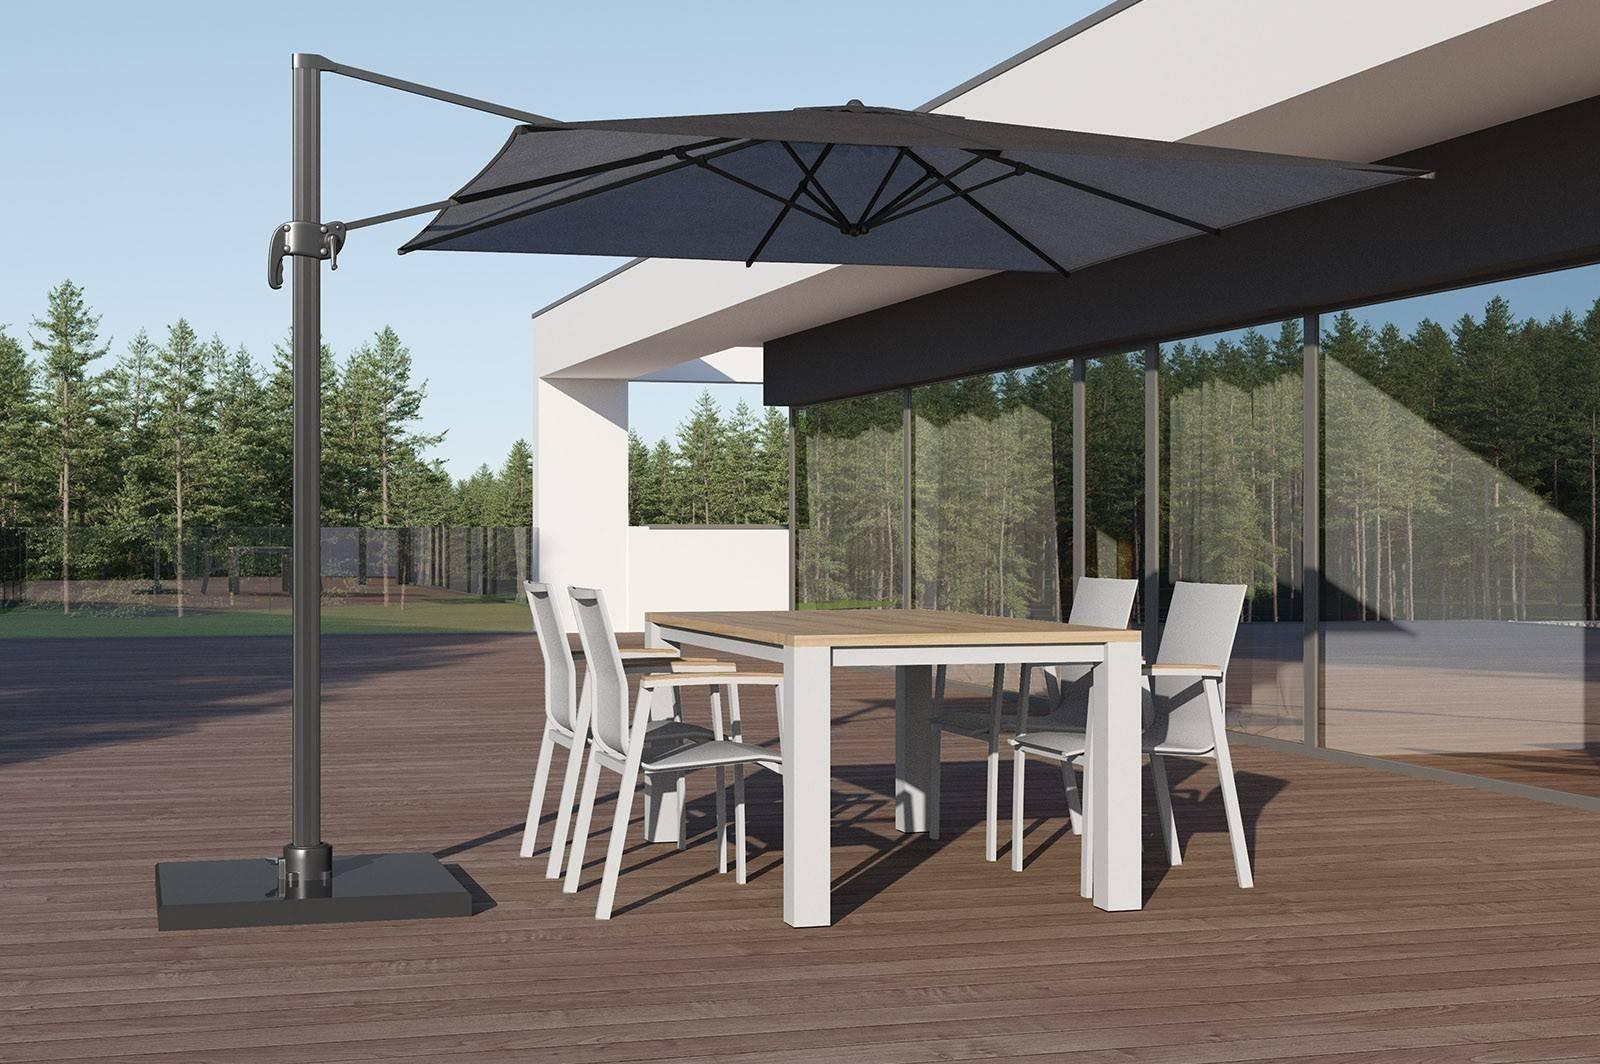 Záhradná hliníková súprava MADRIT - LEON light grey